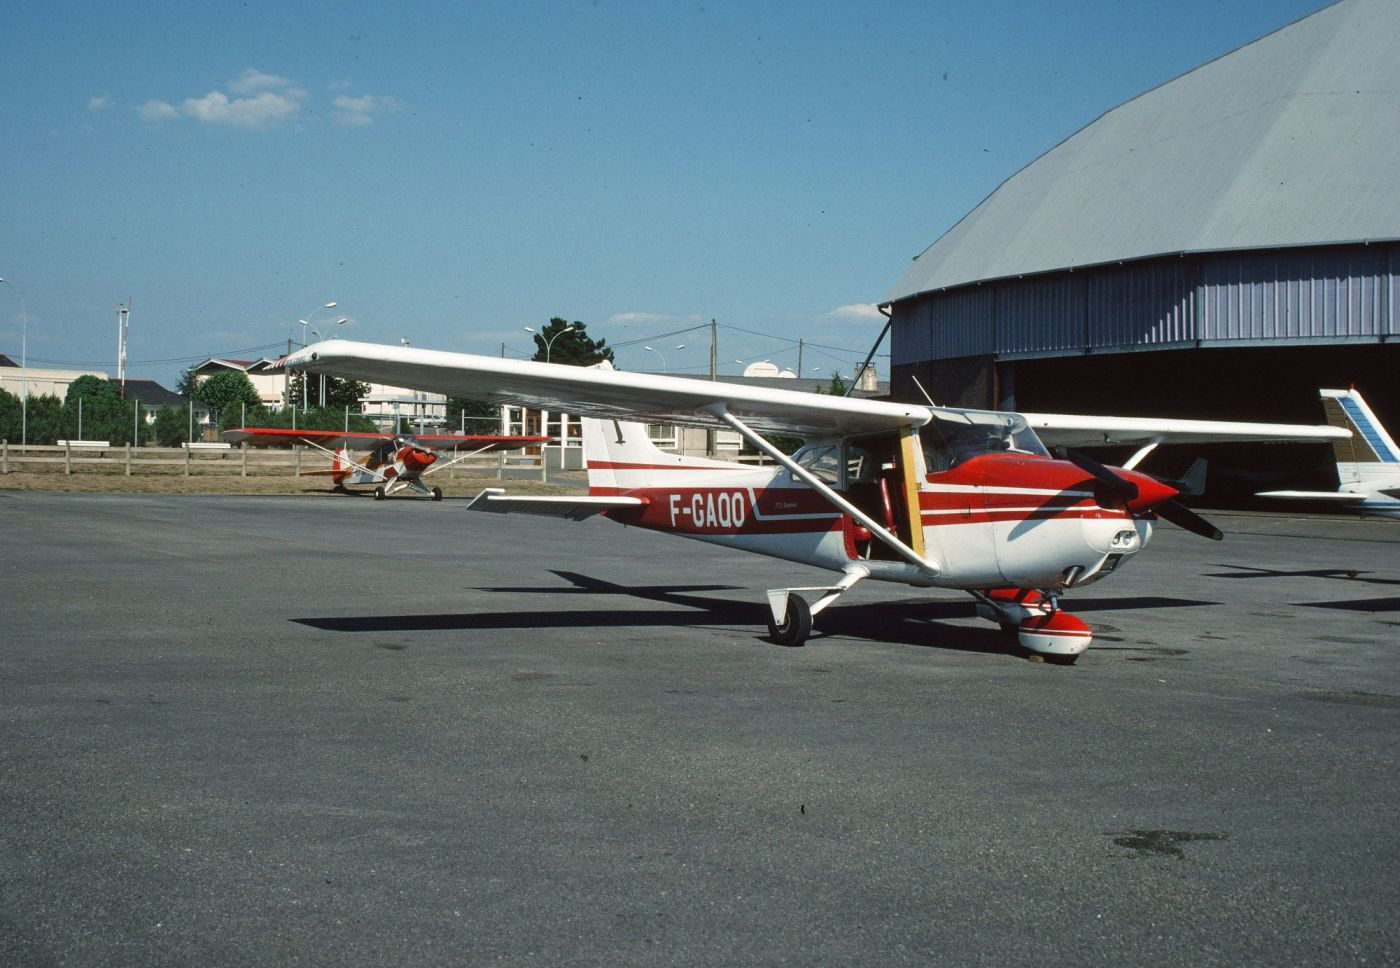 L'avion Québec Oscar utilisé par Maurice Gautier lors de ses prospections aériennes. Cliché M. Gautier